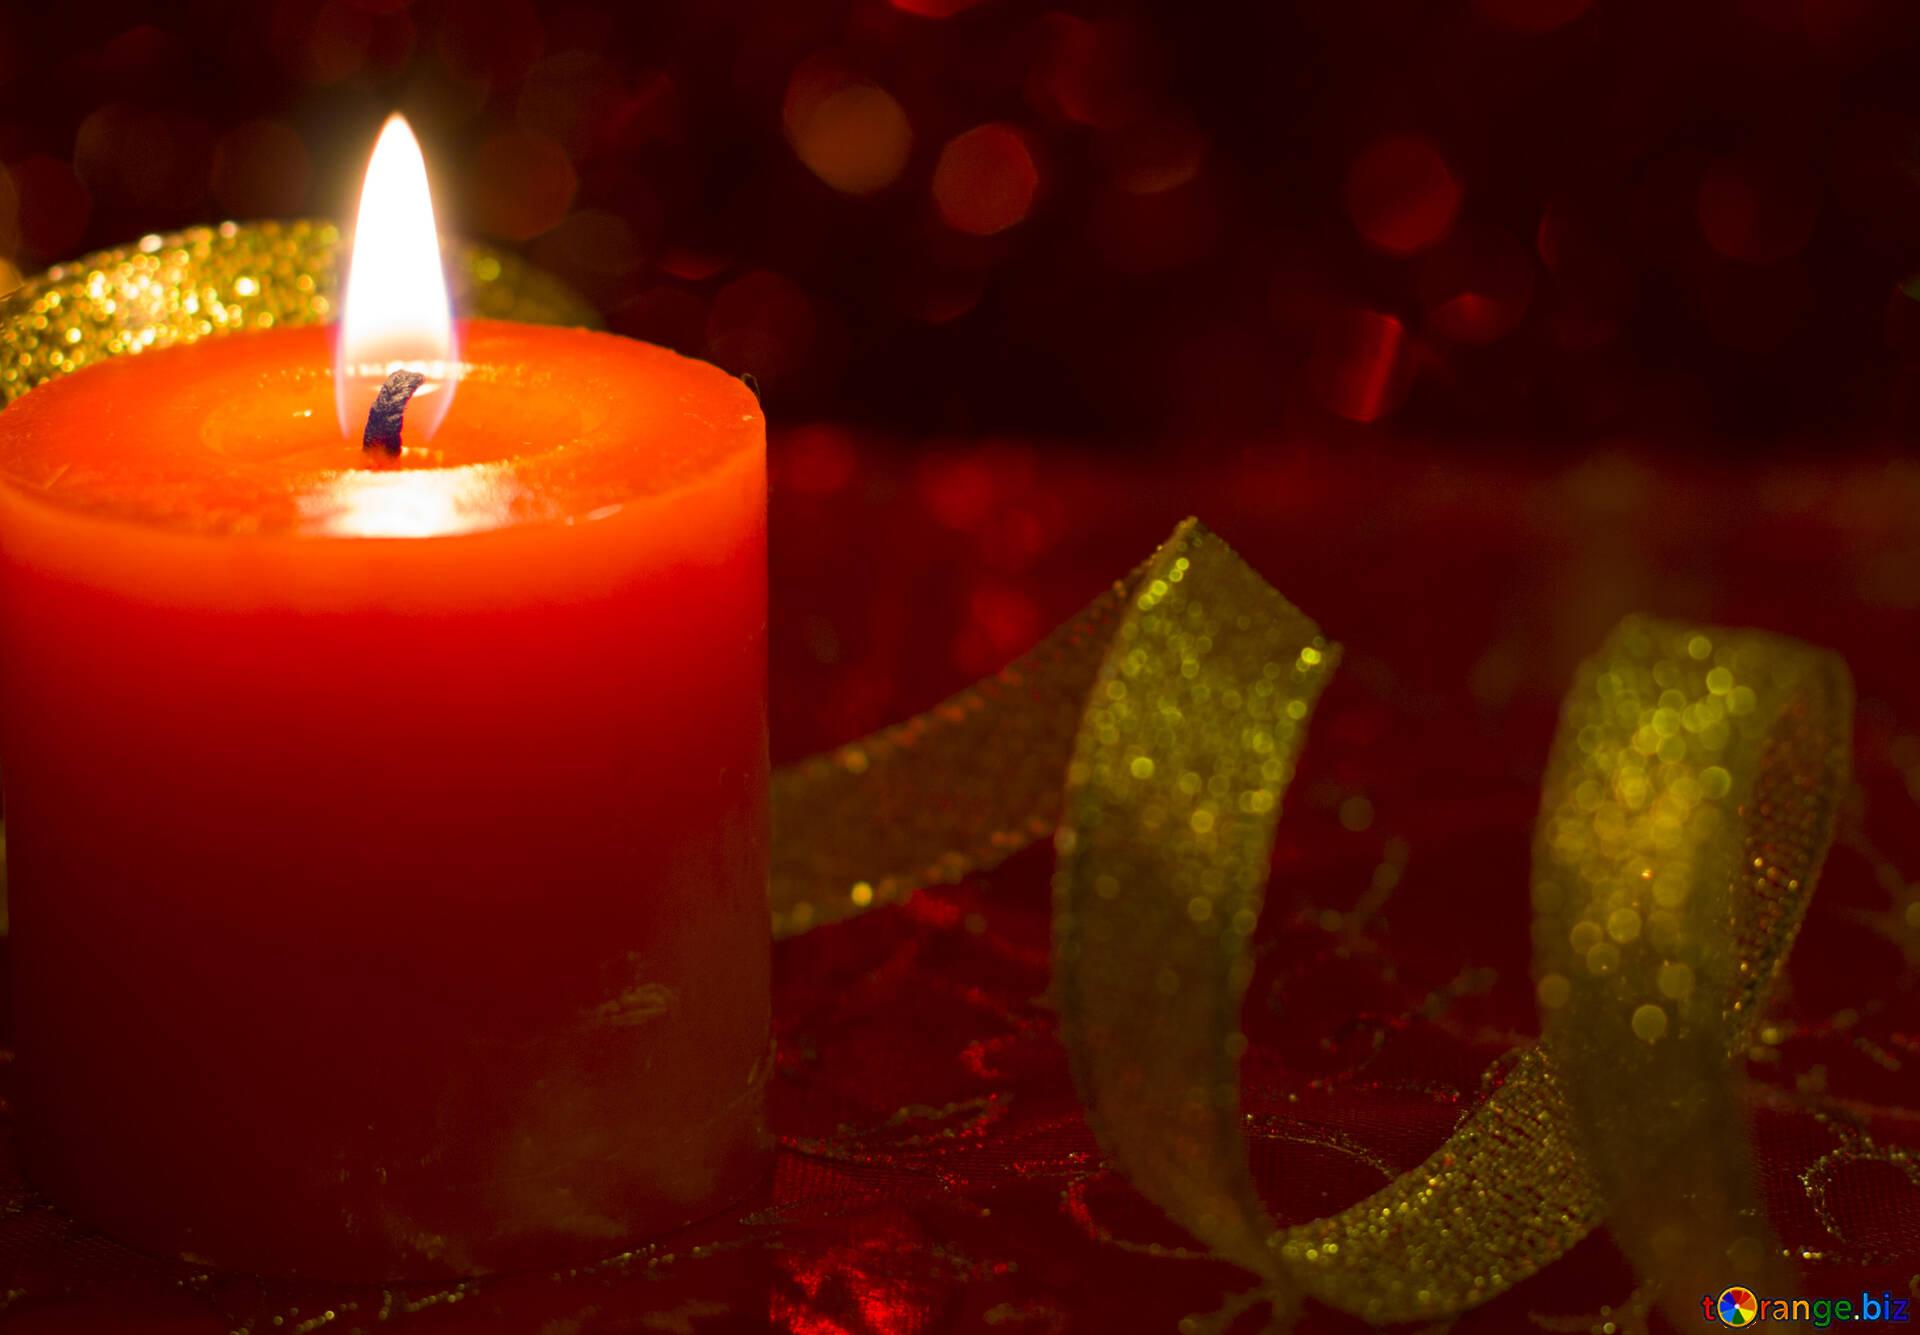 Frohes neues jahr und frohe weihnachten frohes neues jahr winter № 15024